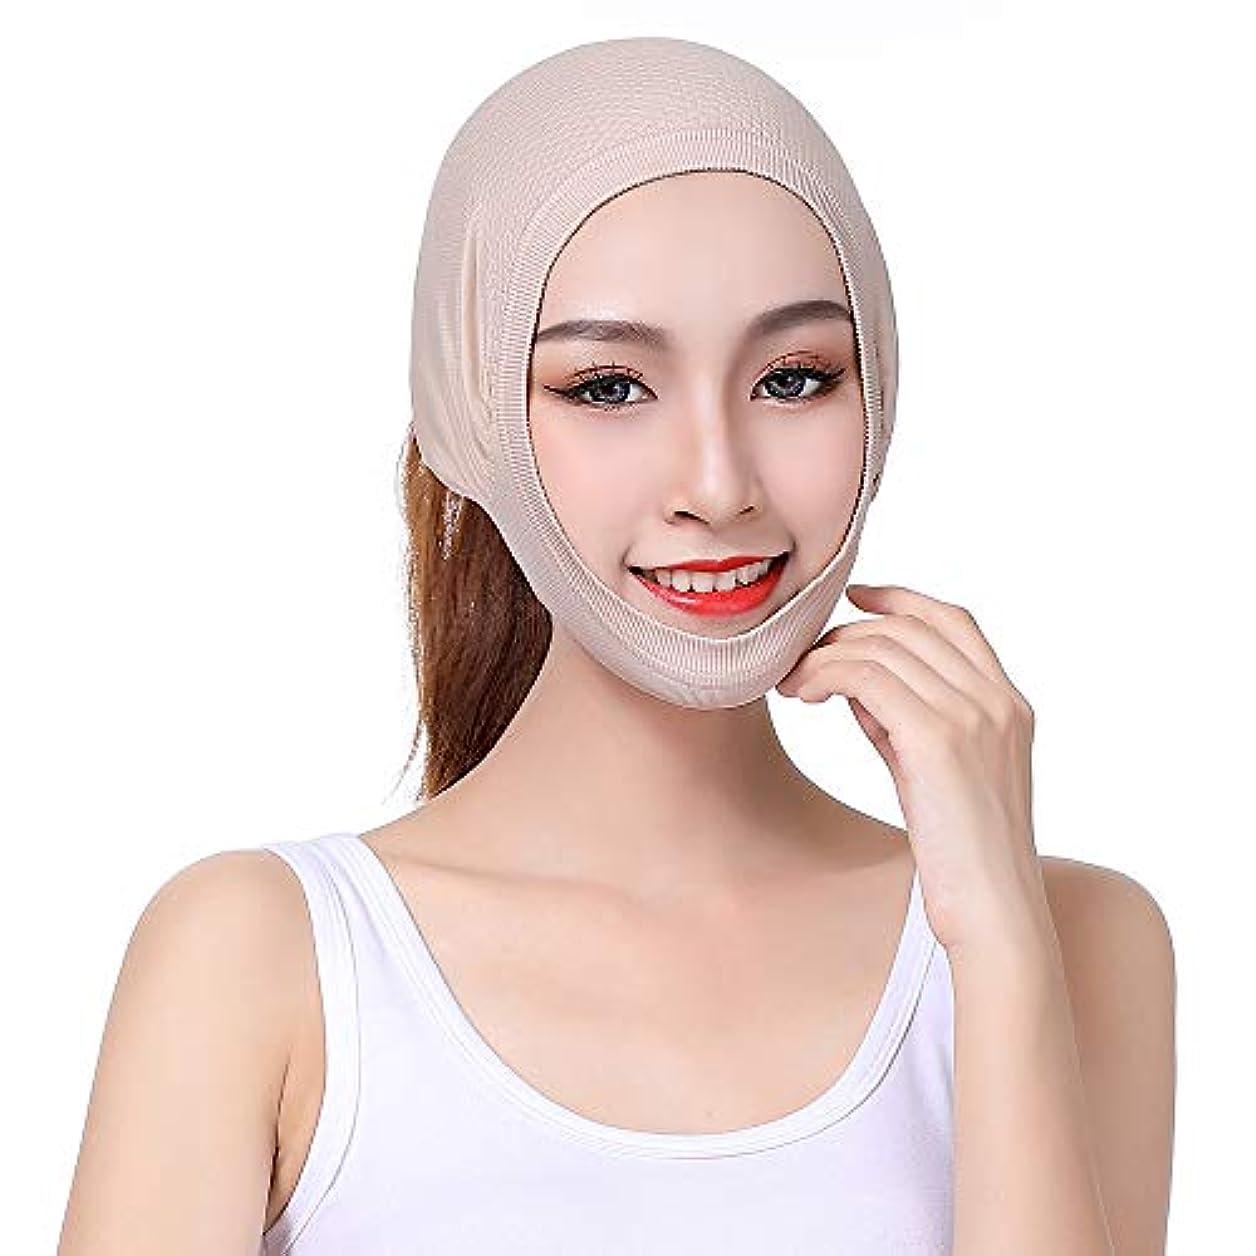 ねばねばアスレチックうそつきスリミングチークマスク、リンクルVフェイスチンチークリフトアップスリミングスリムマスク極薄ベルトストラップバンドスムーズな通気性圧縮チンストラップネックサポートウェルネスマスクアンチストレスマスク